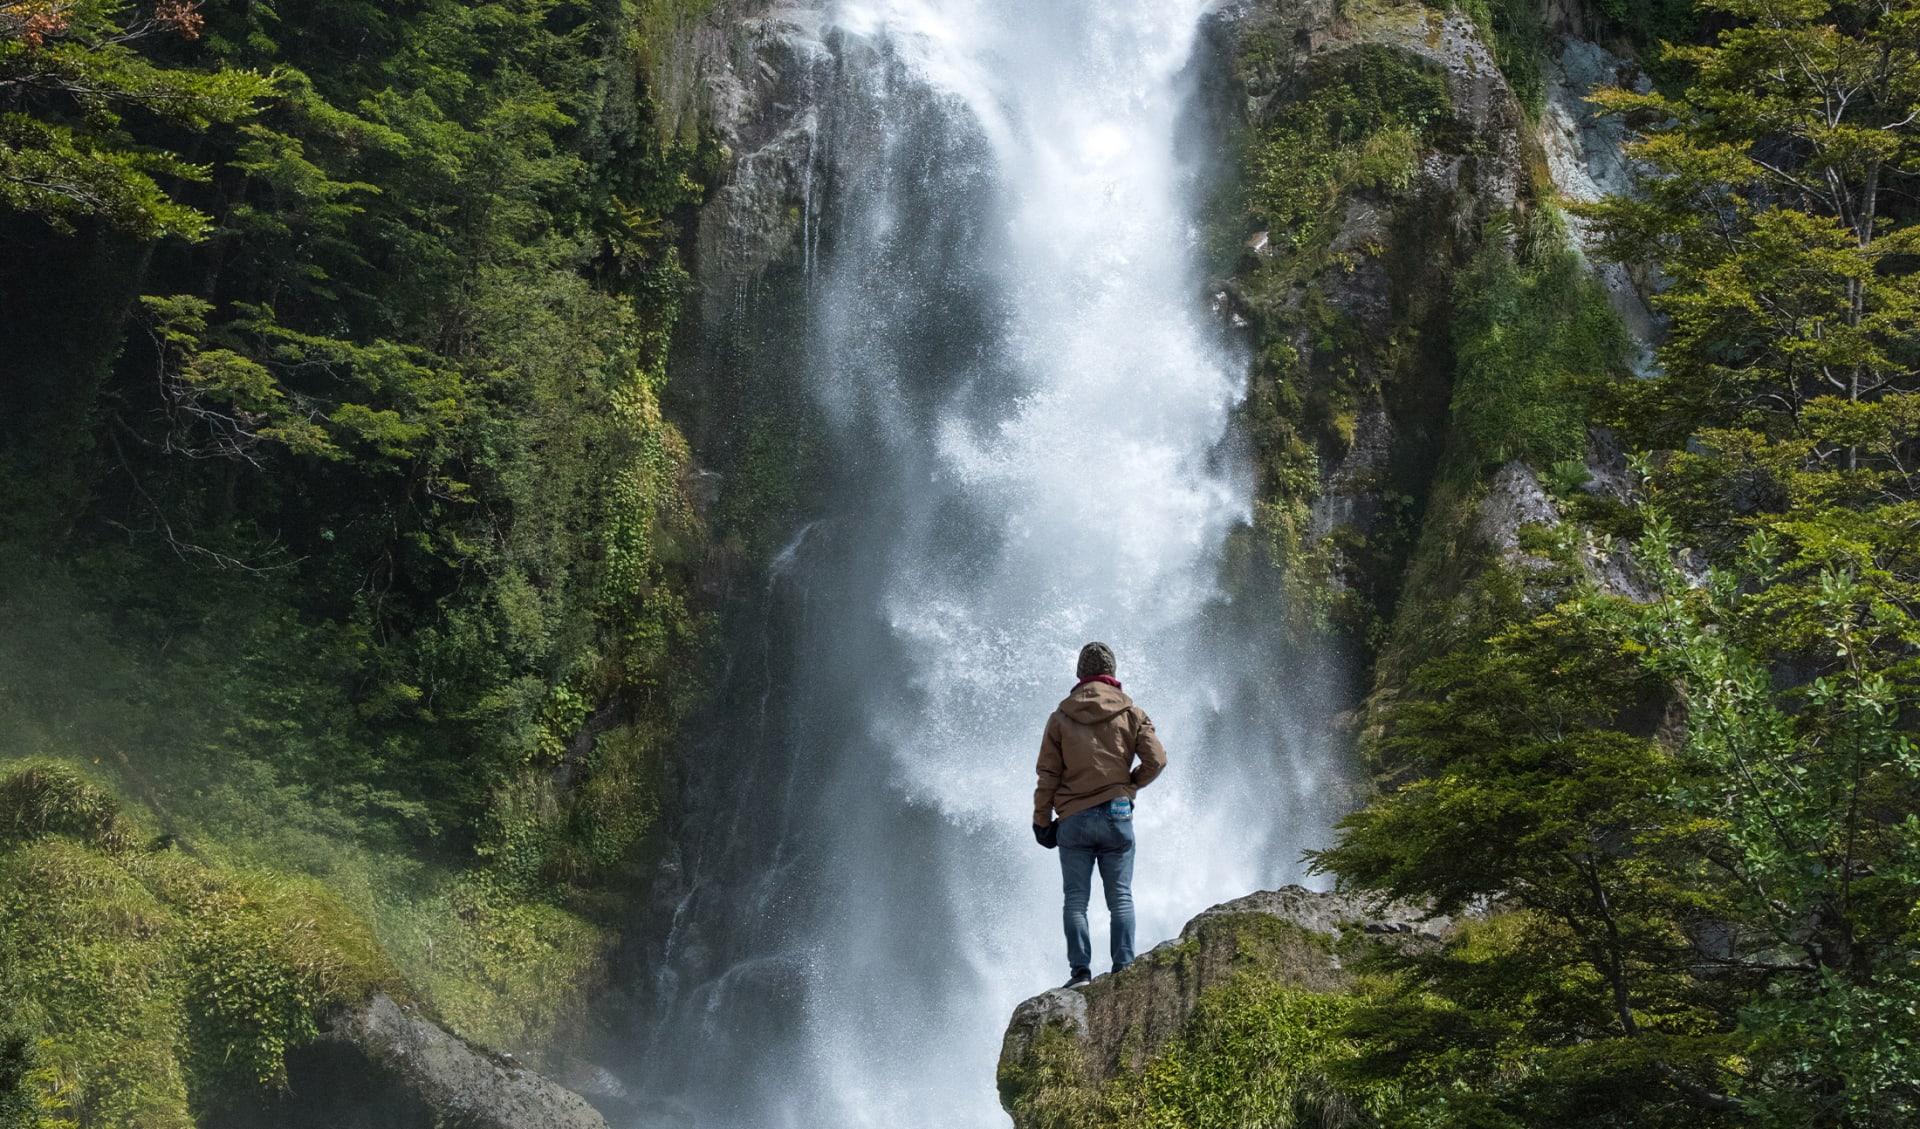 Wasserfall in Patagonien, Trekking, Chile